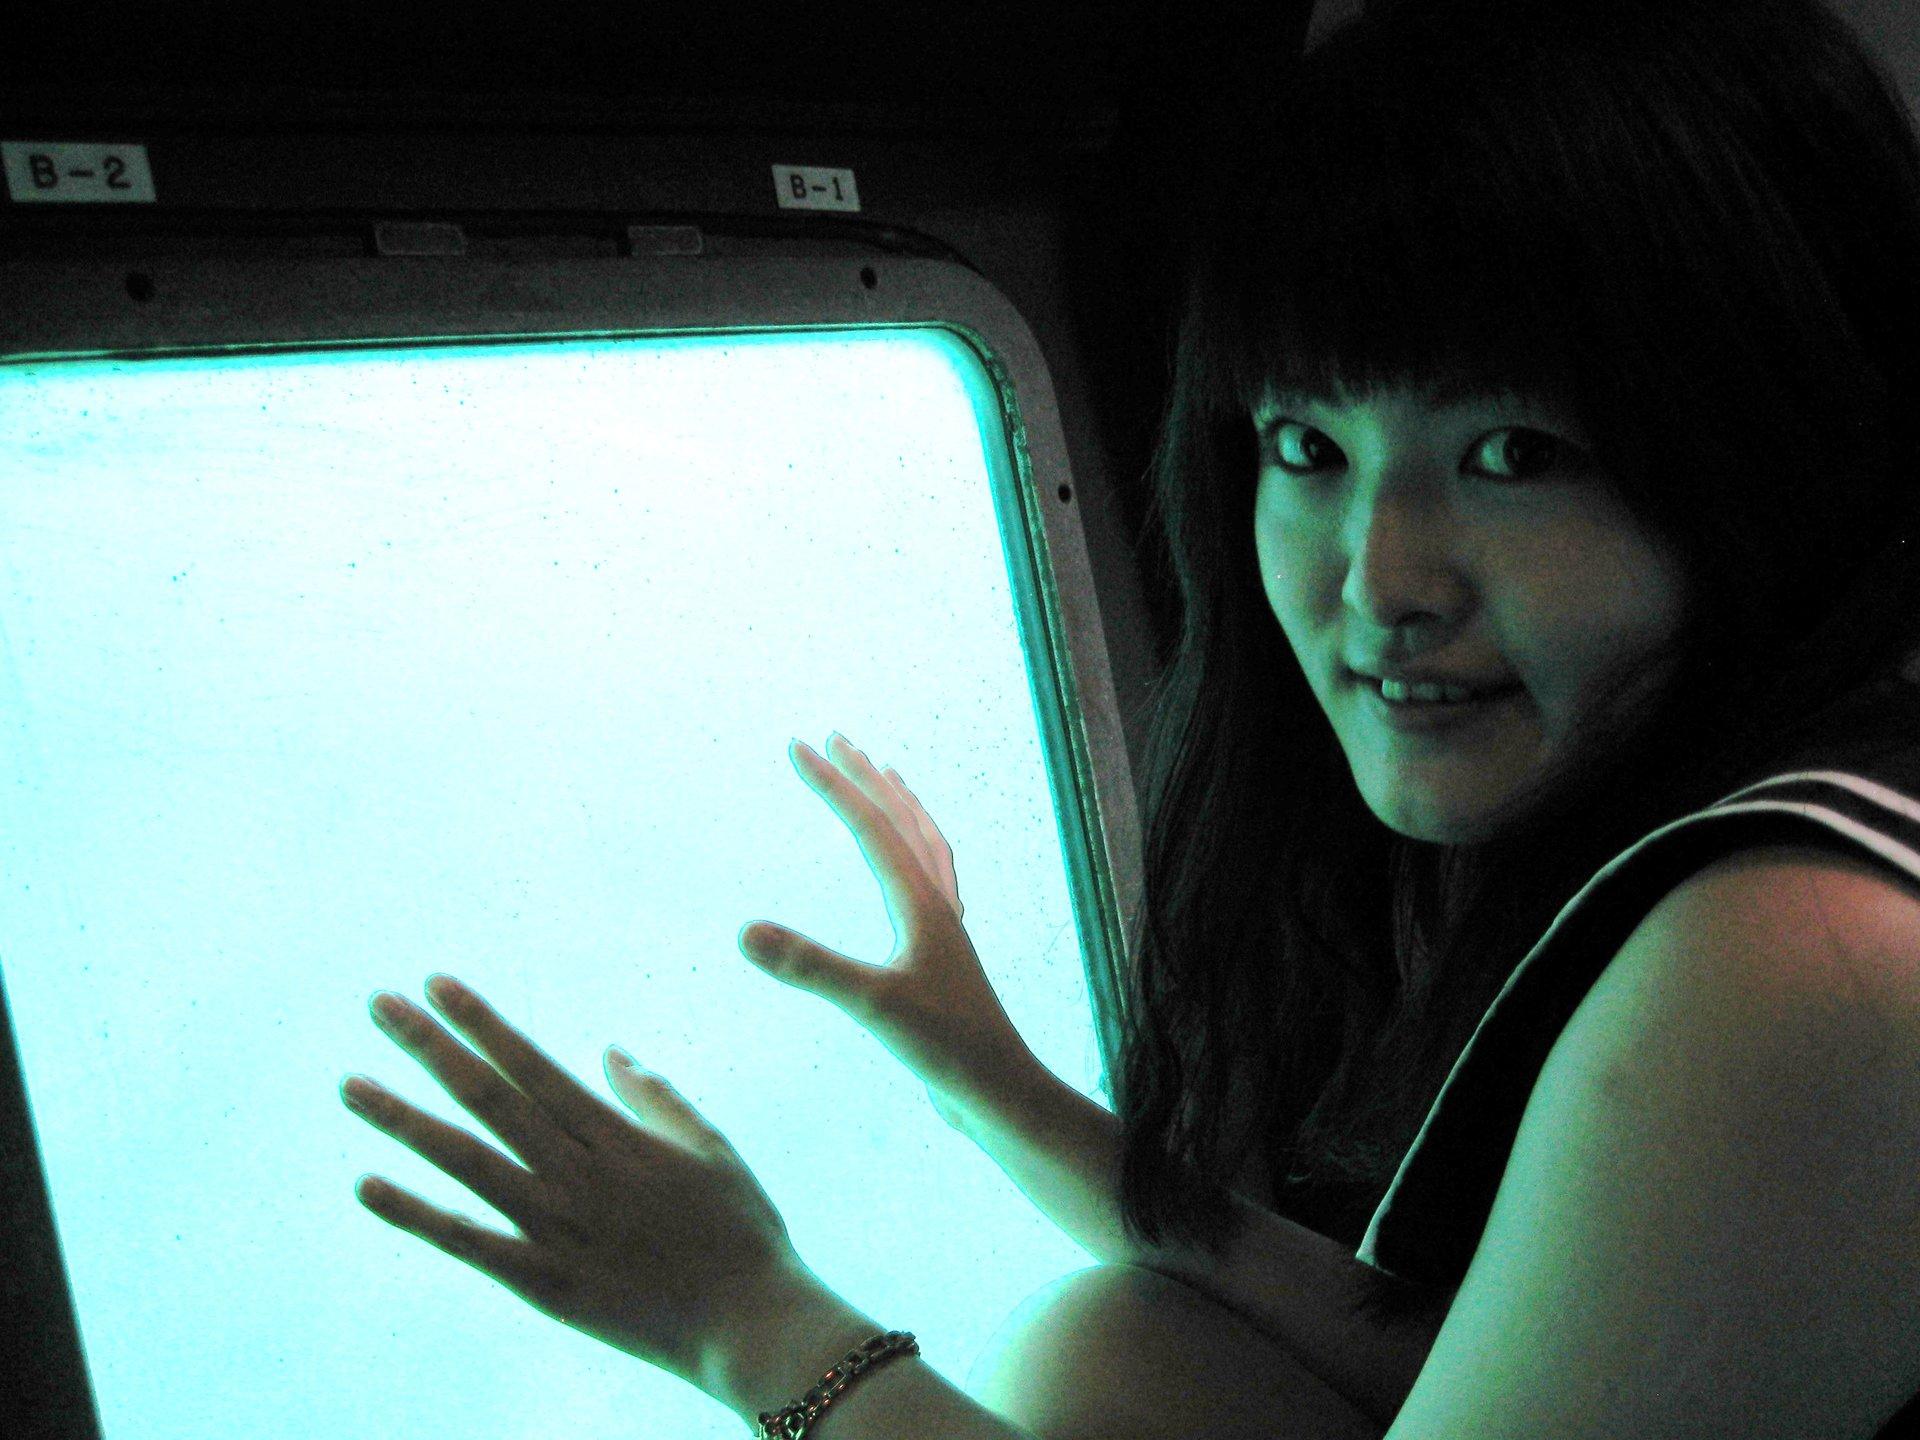 館山海中観光船「たてやま号」に乗って海中散歩!デート・小旅行にもおすすめ